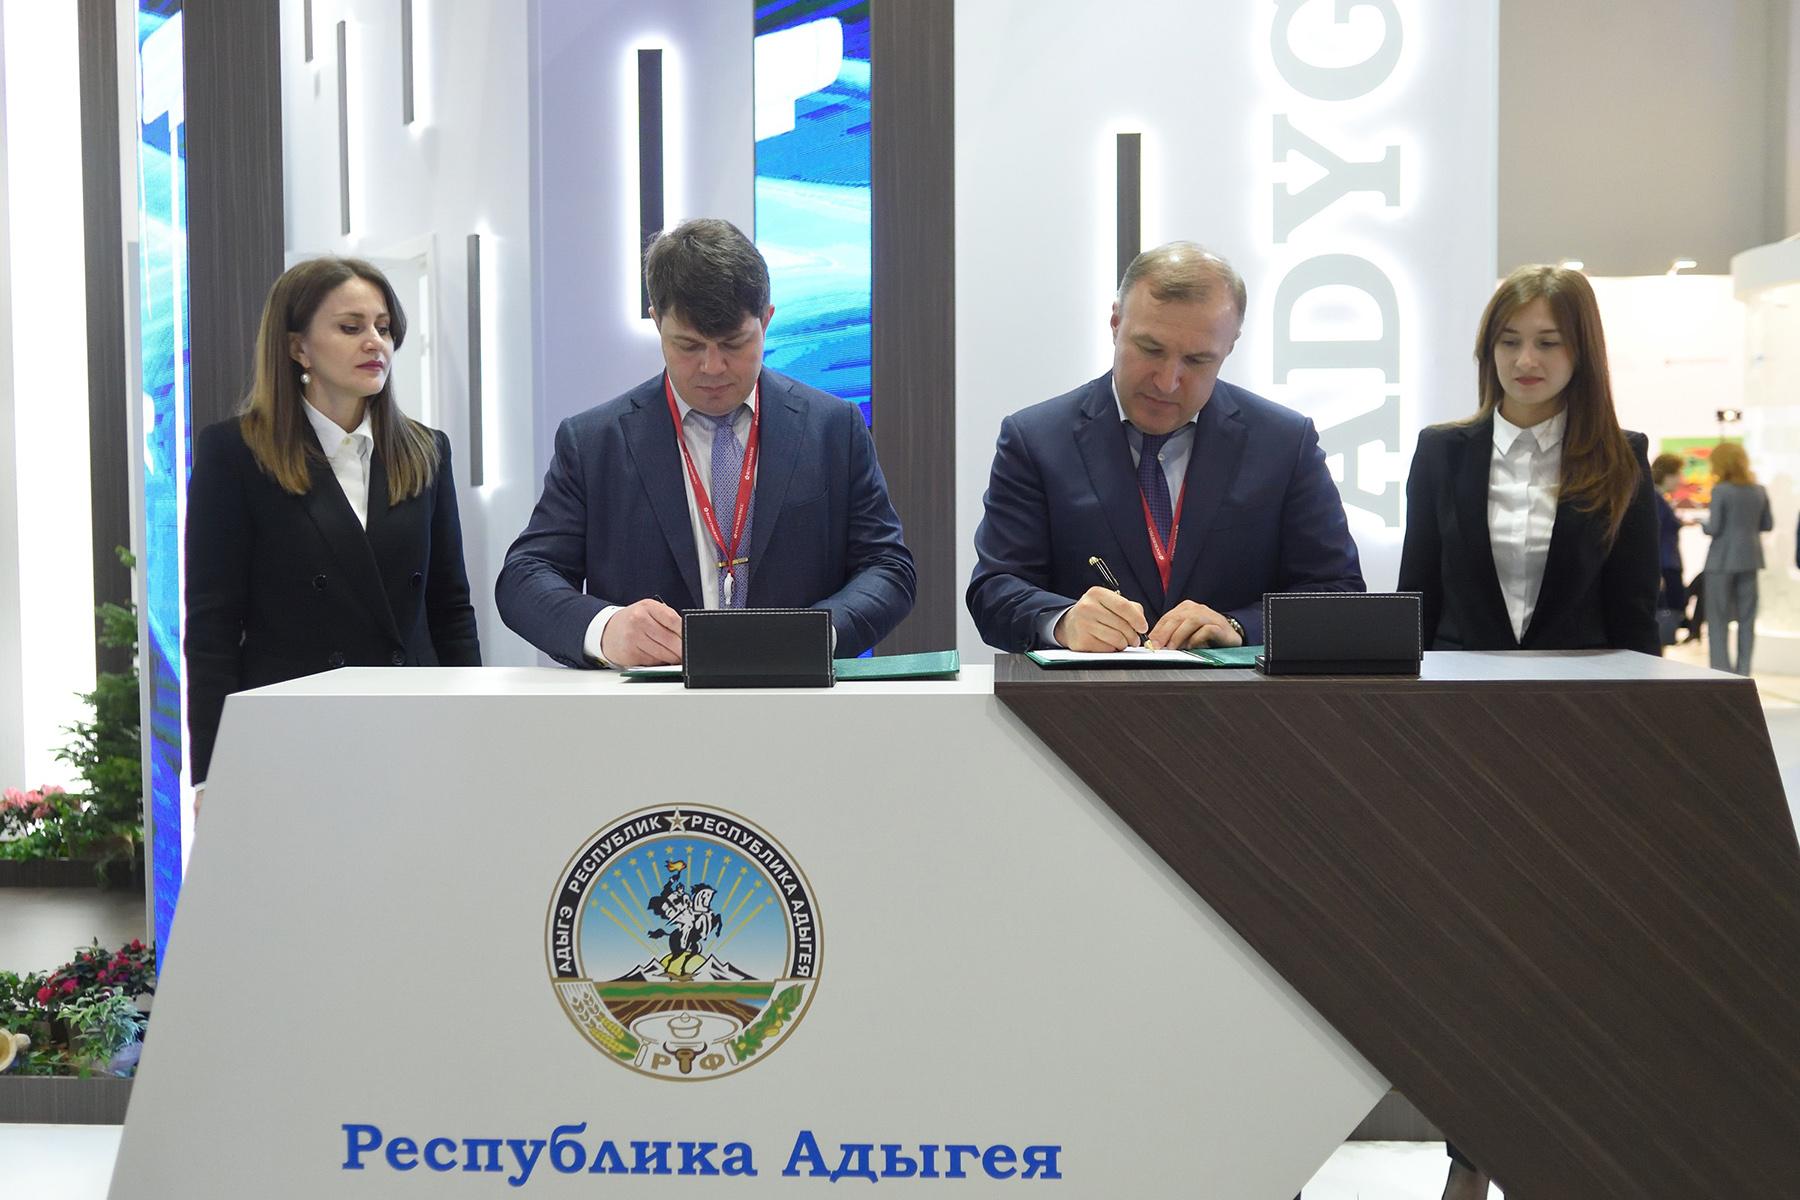 Адыгея и СМП Банк заключили соглашение о сотрудничестве